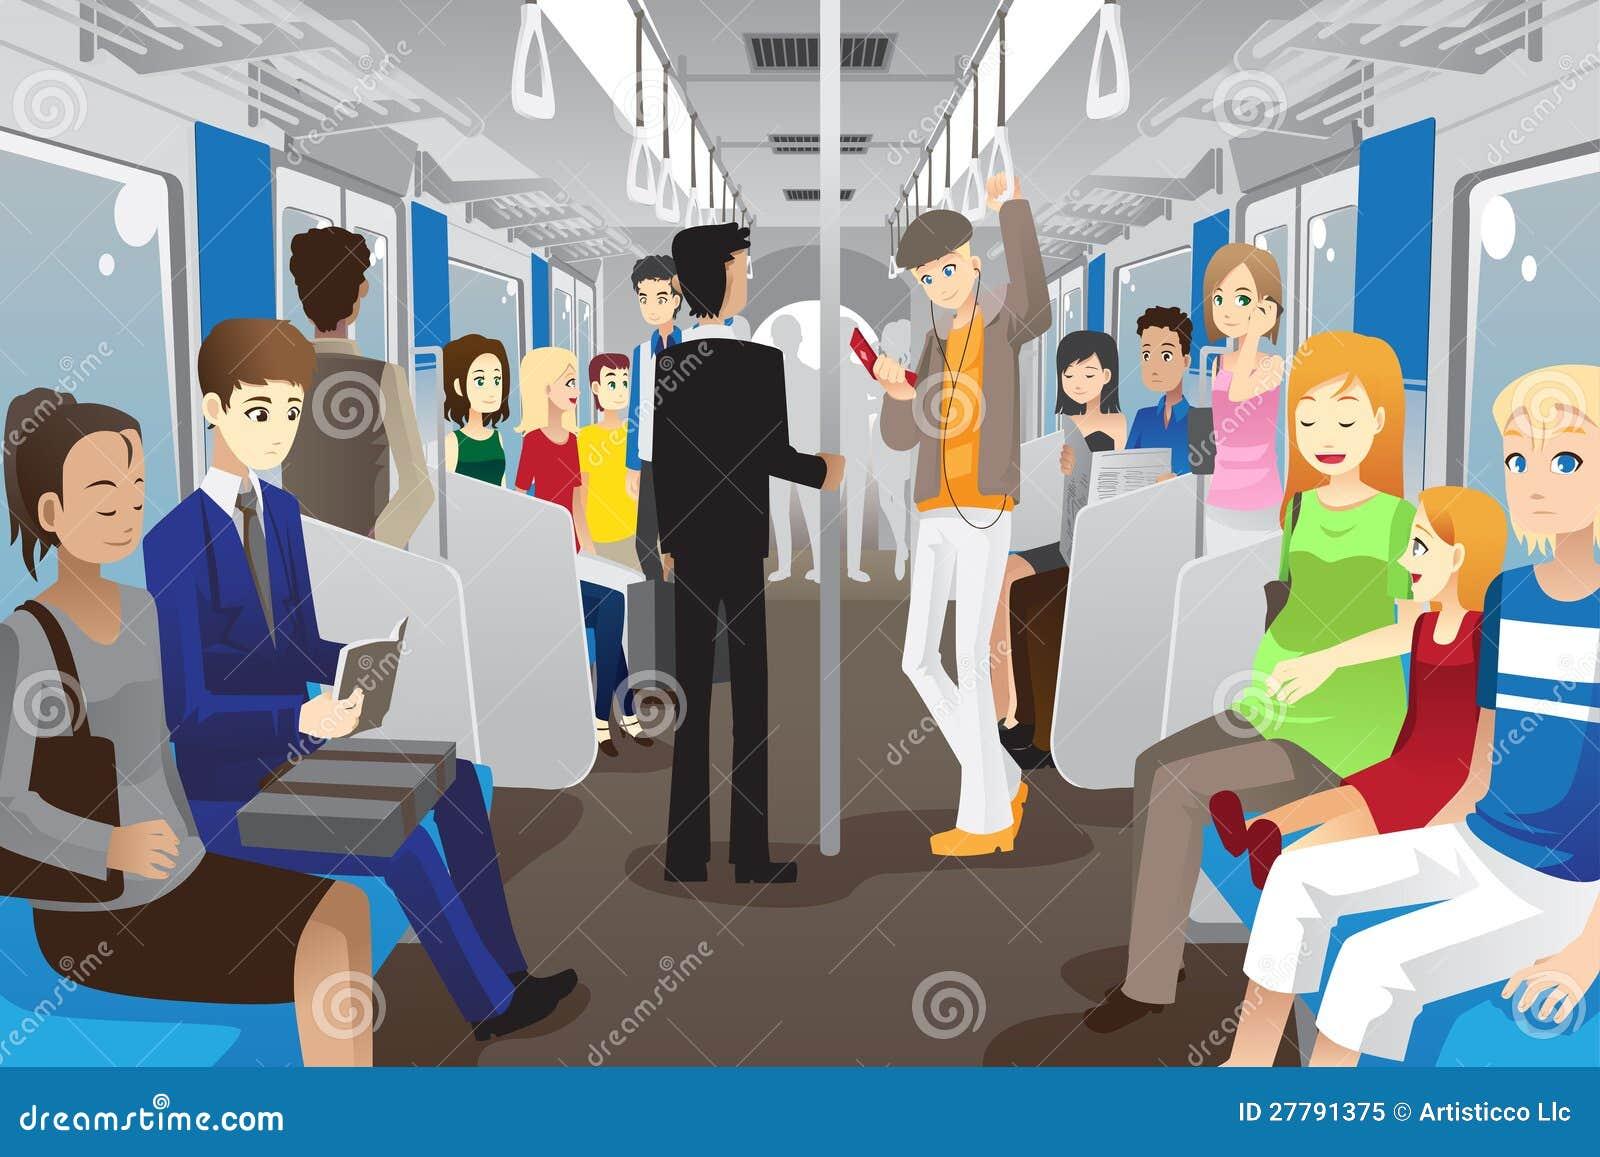 Άνθρωποι στο υπόγειο τρένο